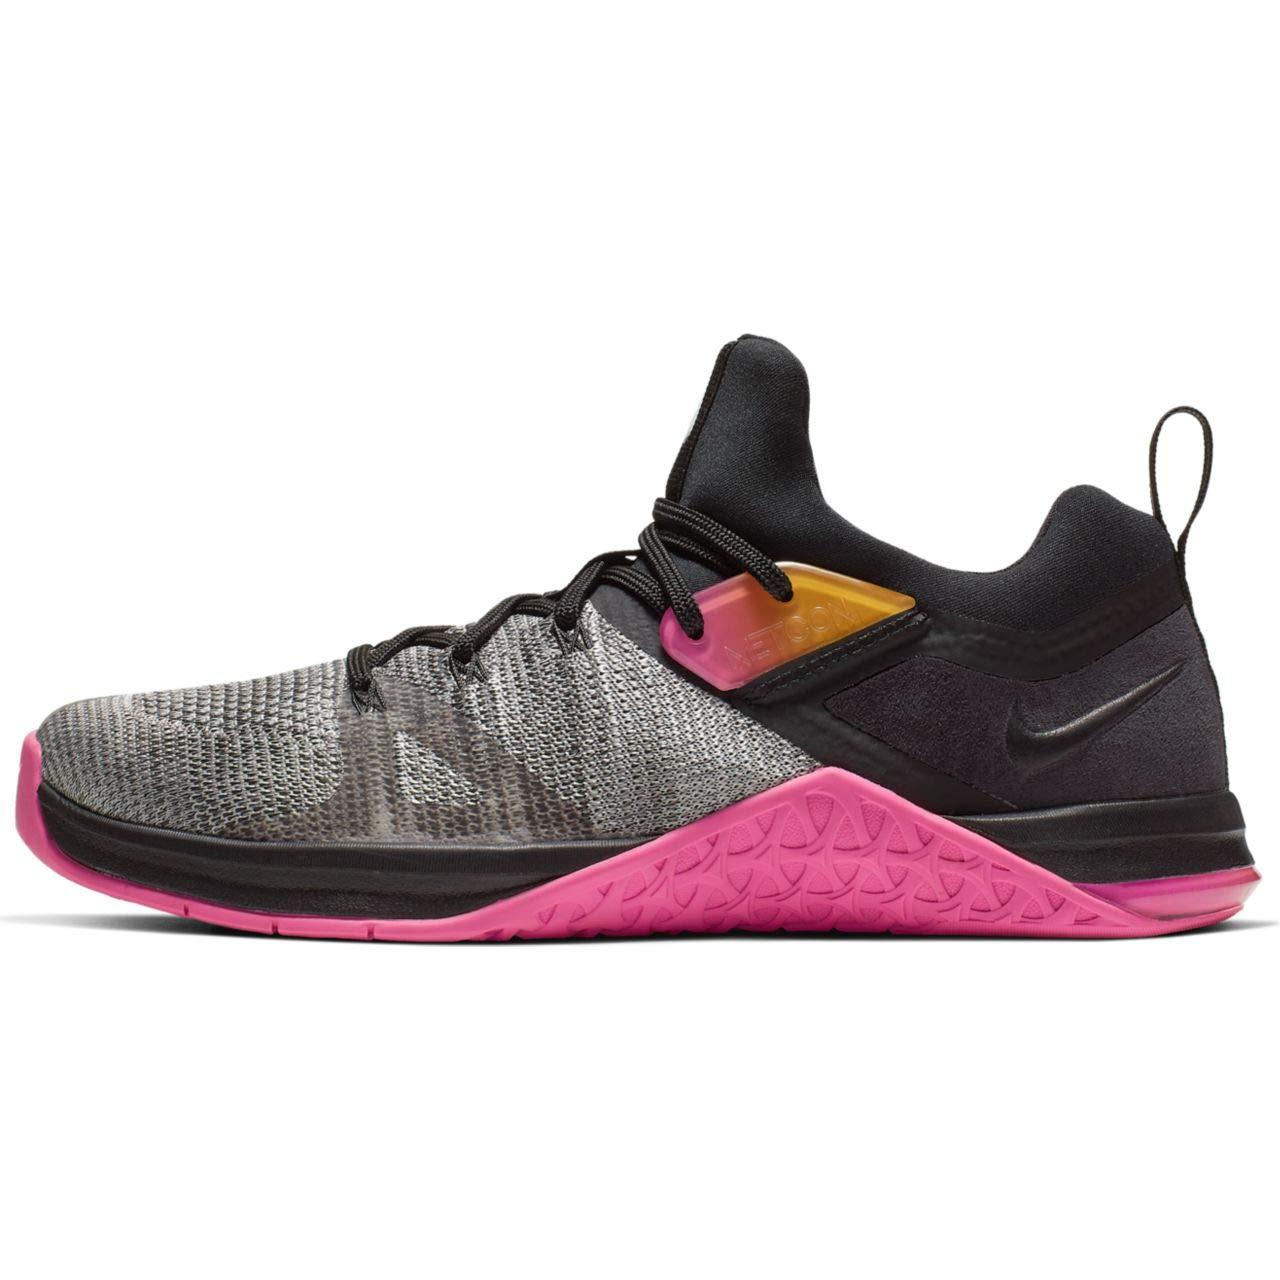 MultiCouleure (noir noir Laser Fuchsia blanc 000) 41 EU Nike WMNS Metcon Flyknit 3, Chaussures de Fitness Femme